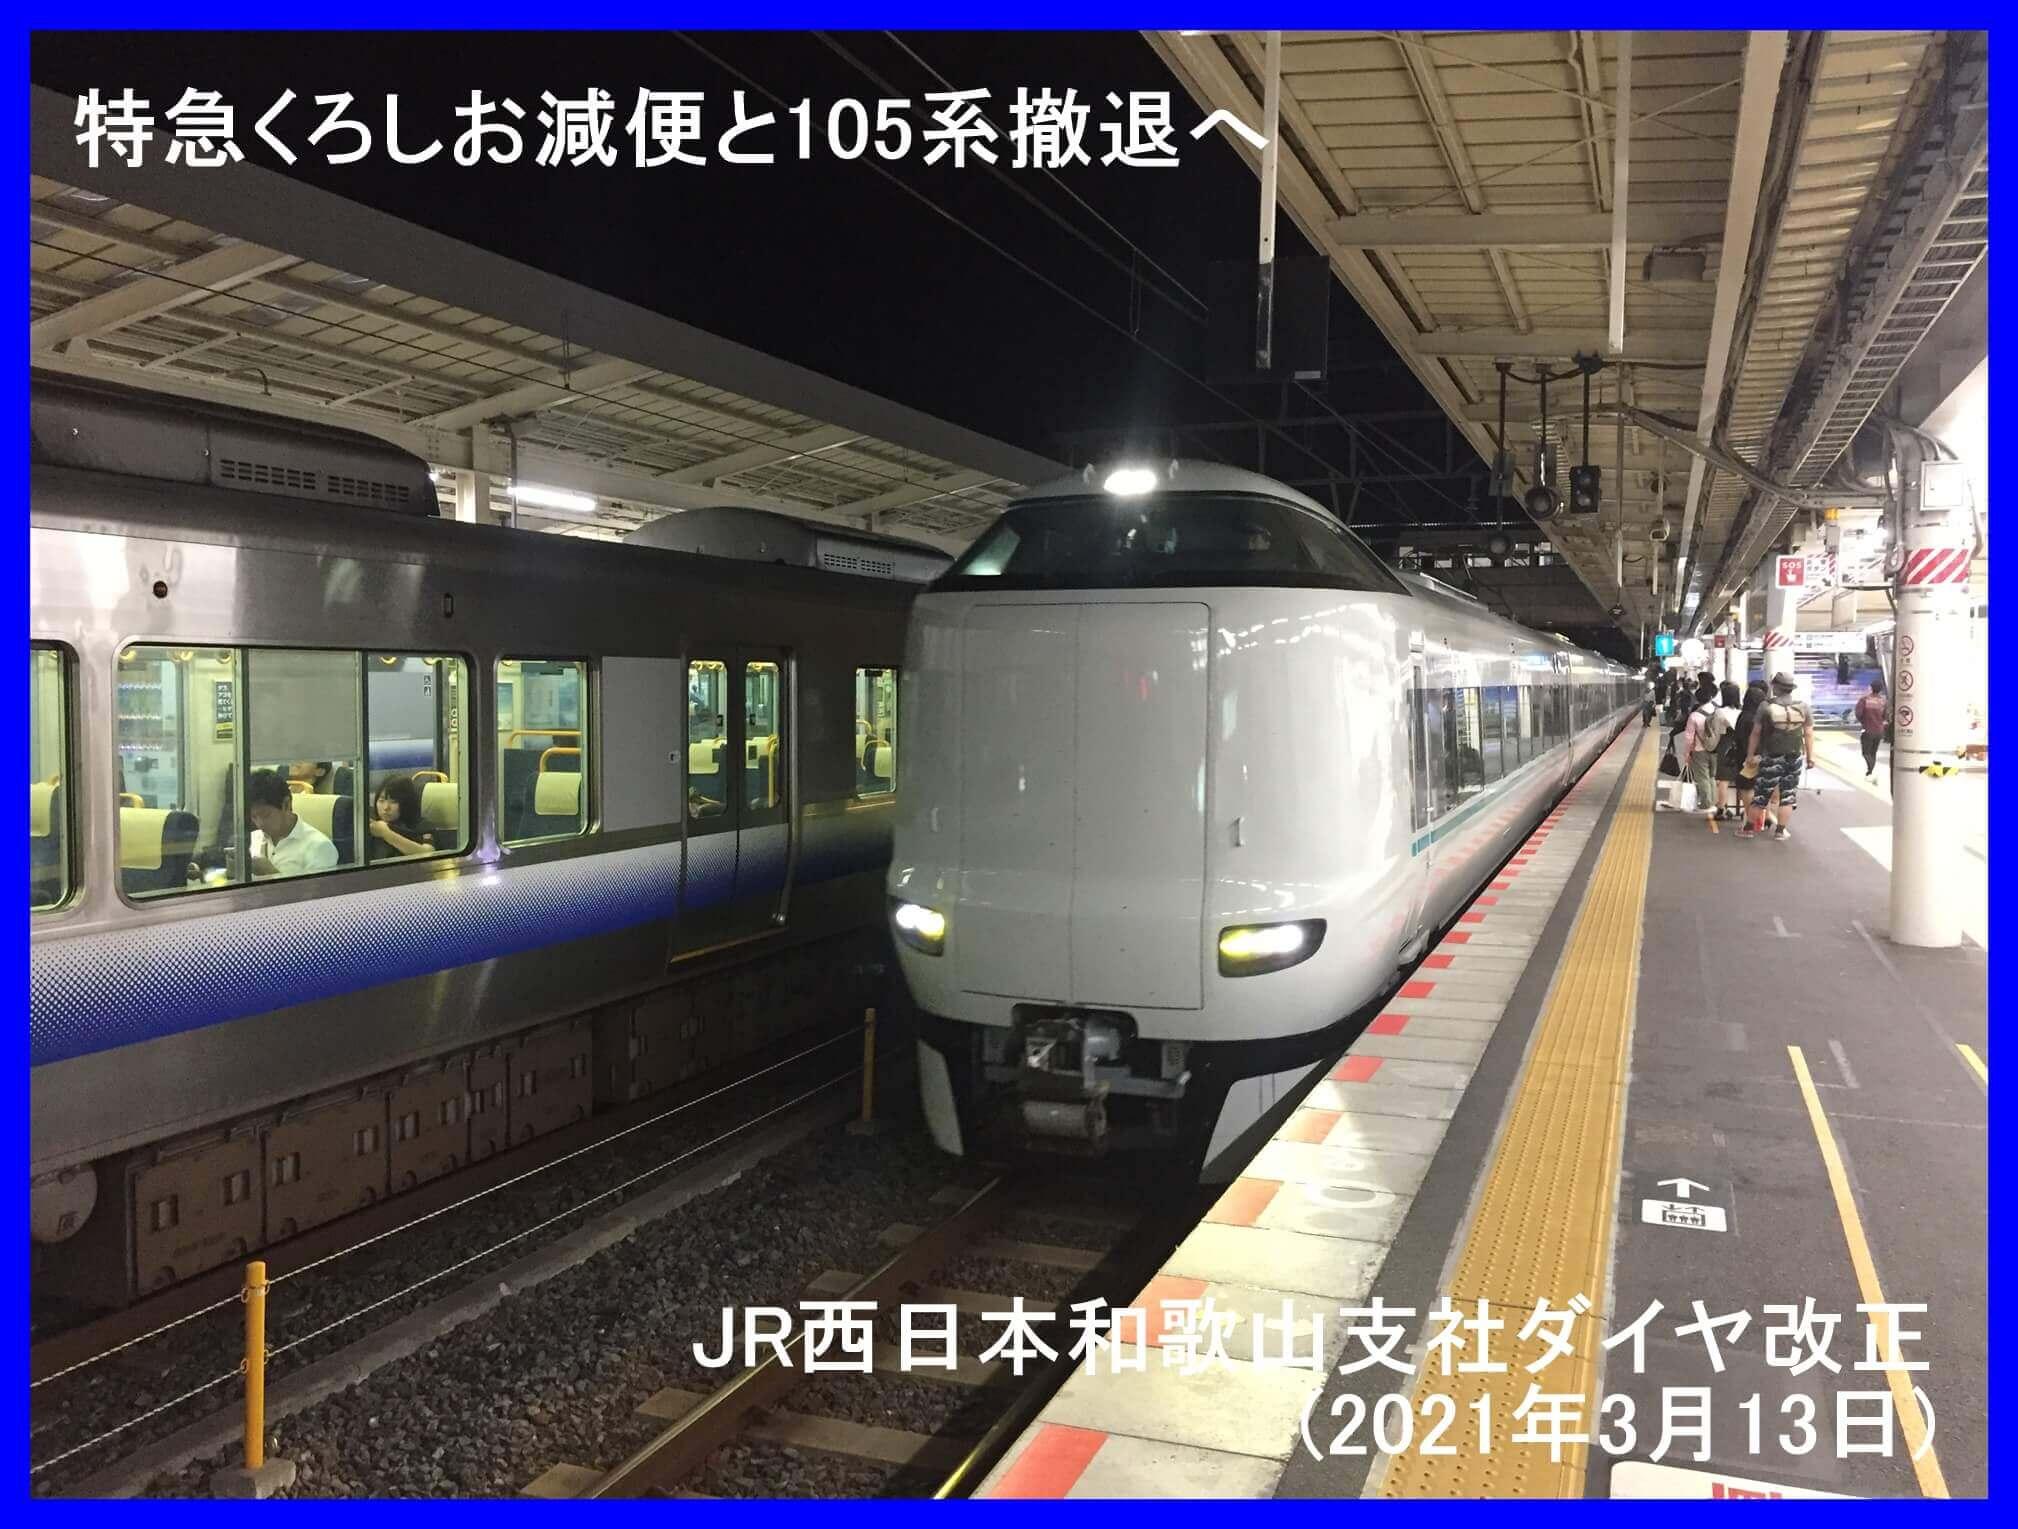 特急くろしお減便と105系撤退へ JR西日本和歌山支社ダイヤ改正(2021年3月13日)